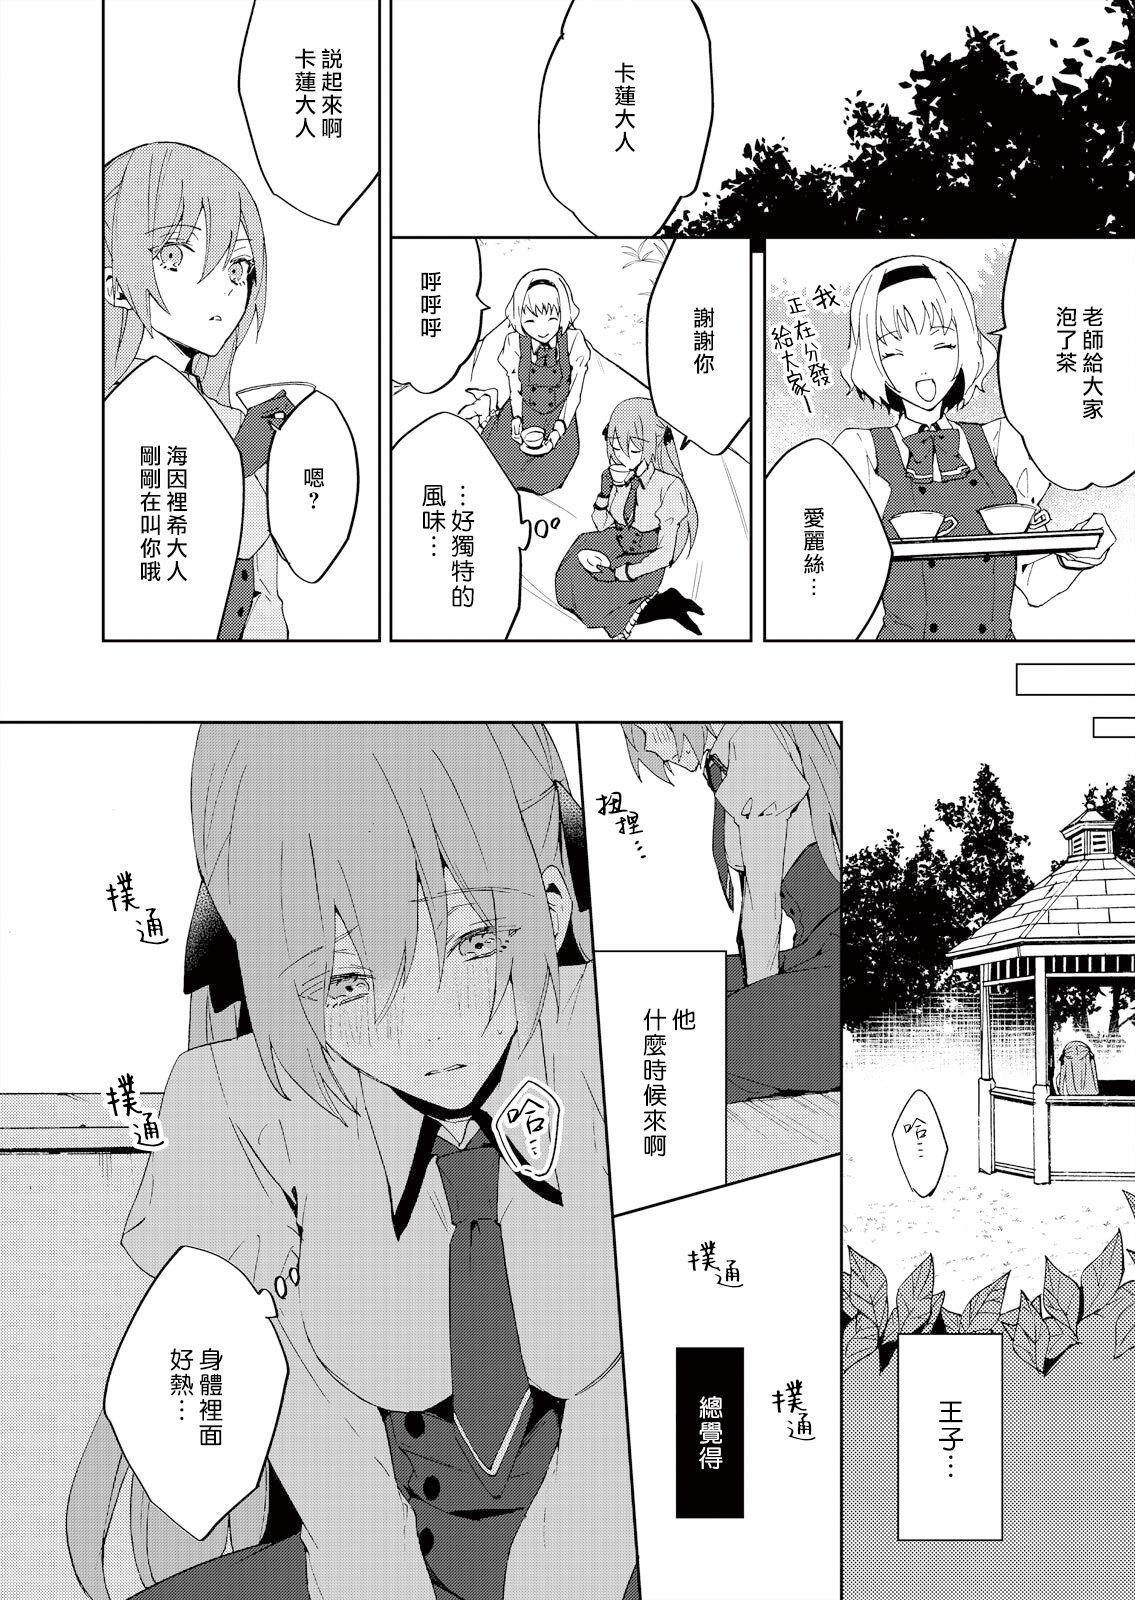 [Yuzushiwo] Akuyaku Reijou wa Ichizu ni Dekiai sarete ~Noumitsu Sex no Aite wa Juuboku~ | 被疯狂溺爱的反派大小姐~浓密性爱对象是仆从~ 1-5 [Chinese] [莉赛特汉化组] 45